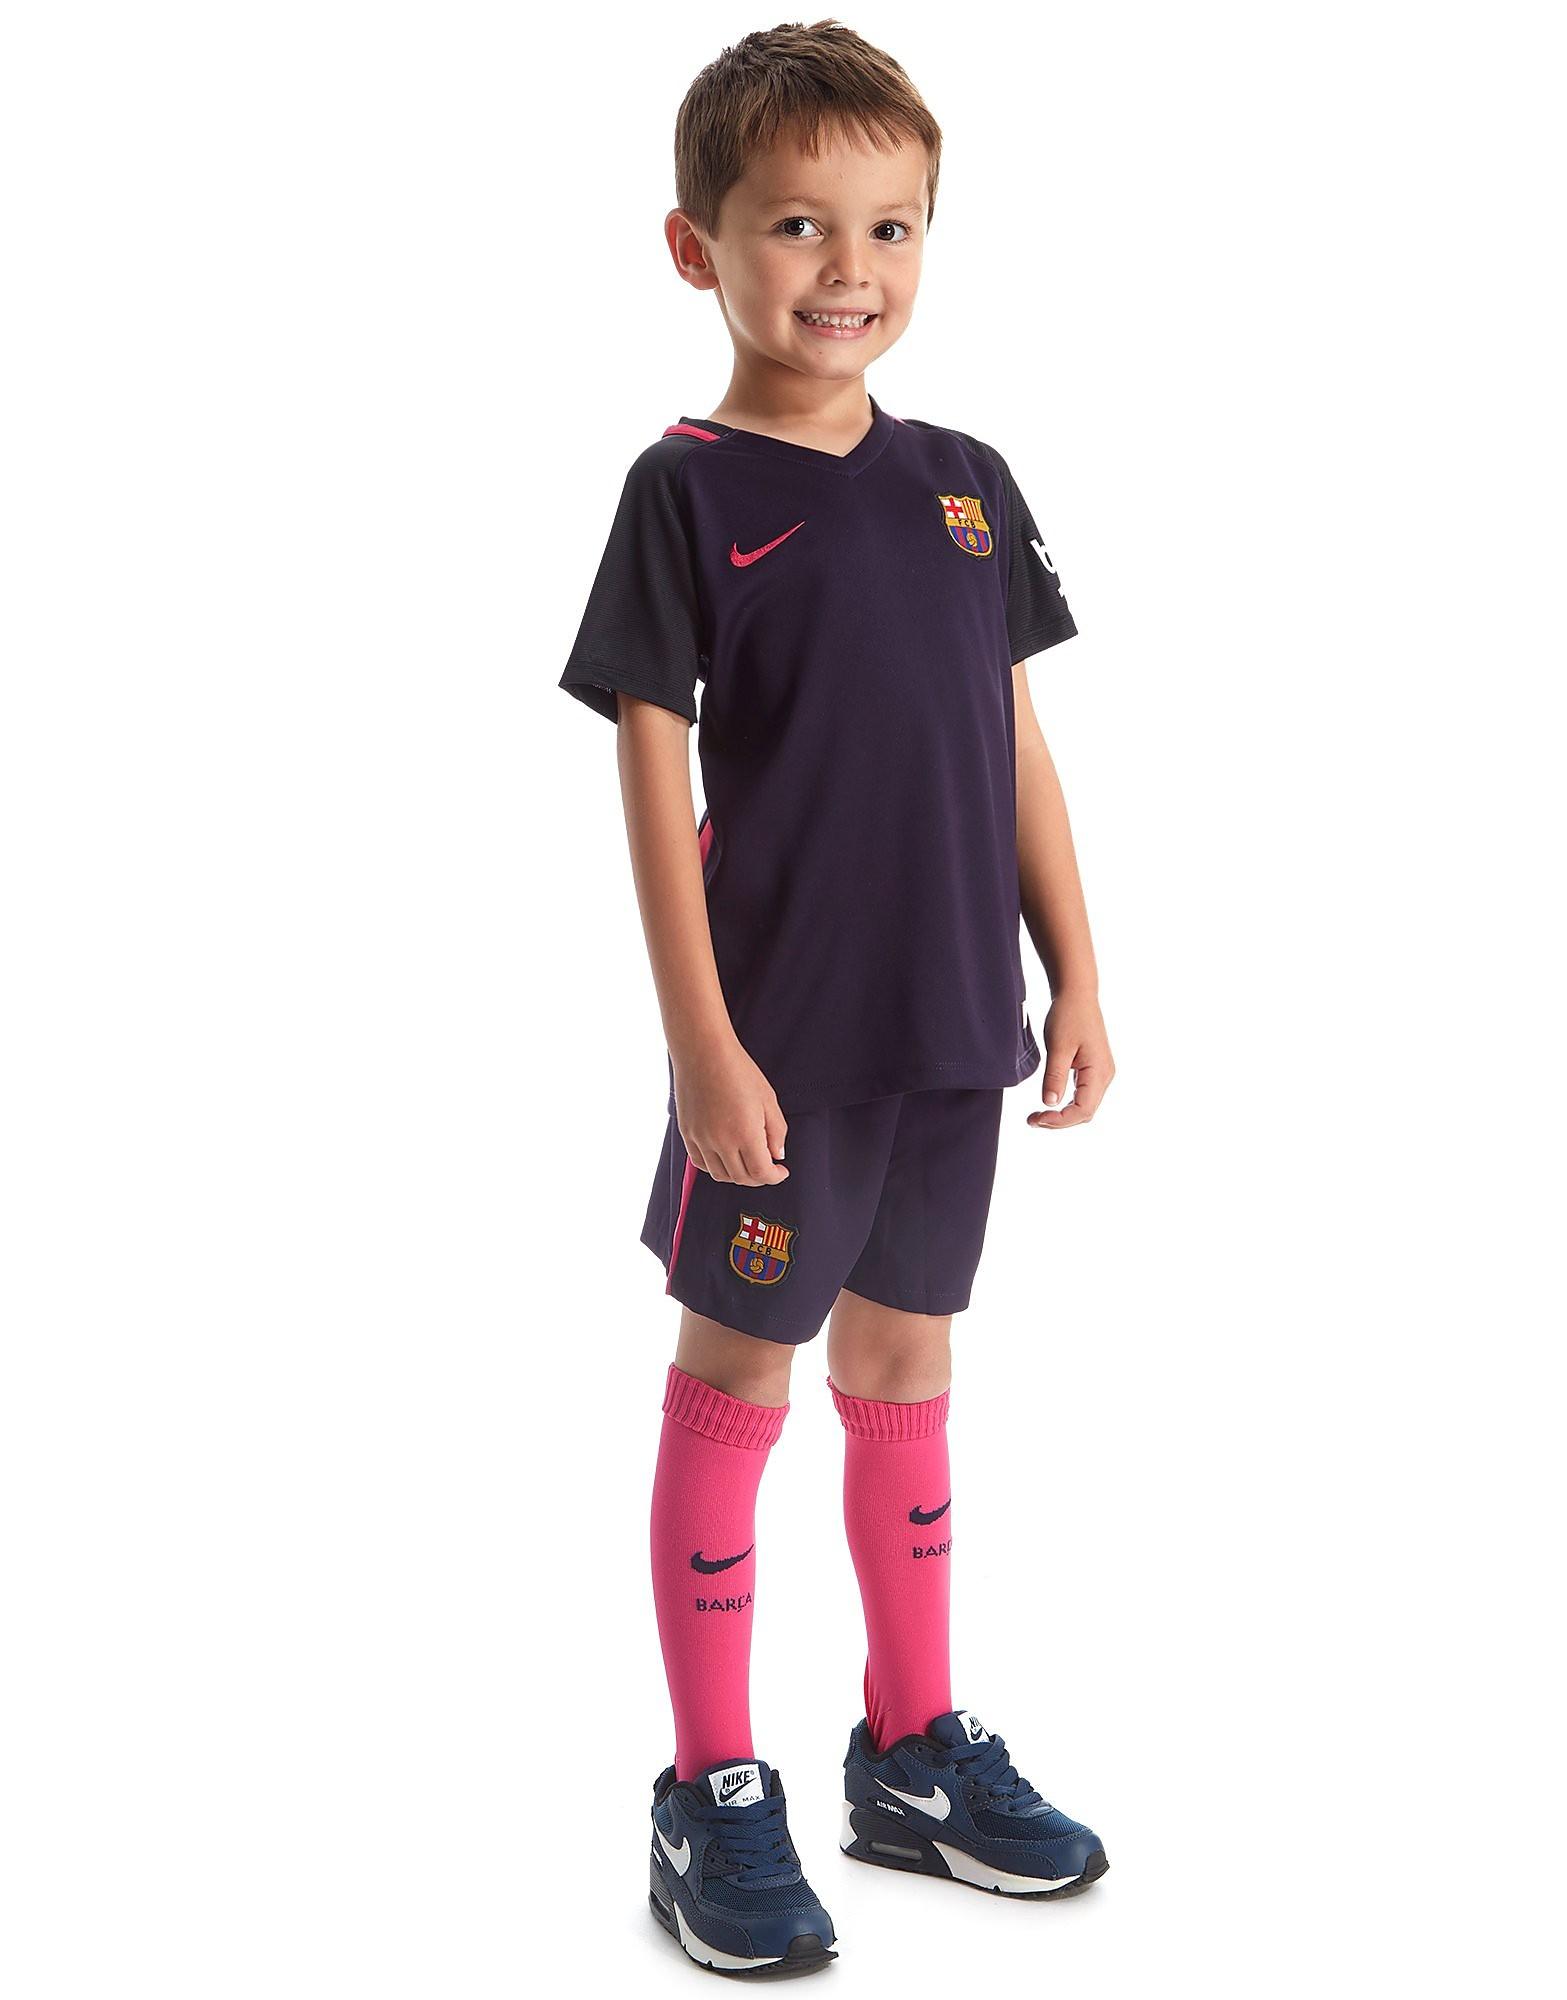 Nike FC Barcelona 2016/17 Away Kit Children